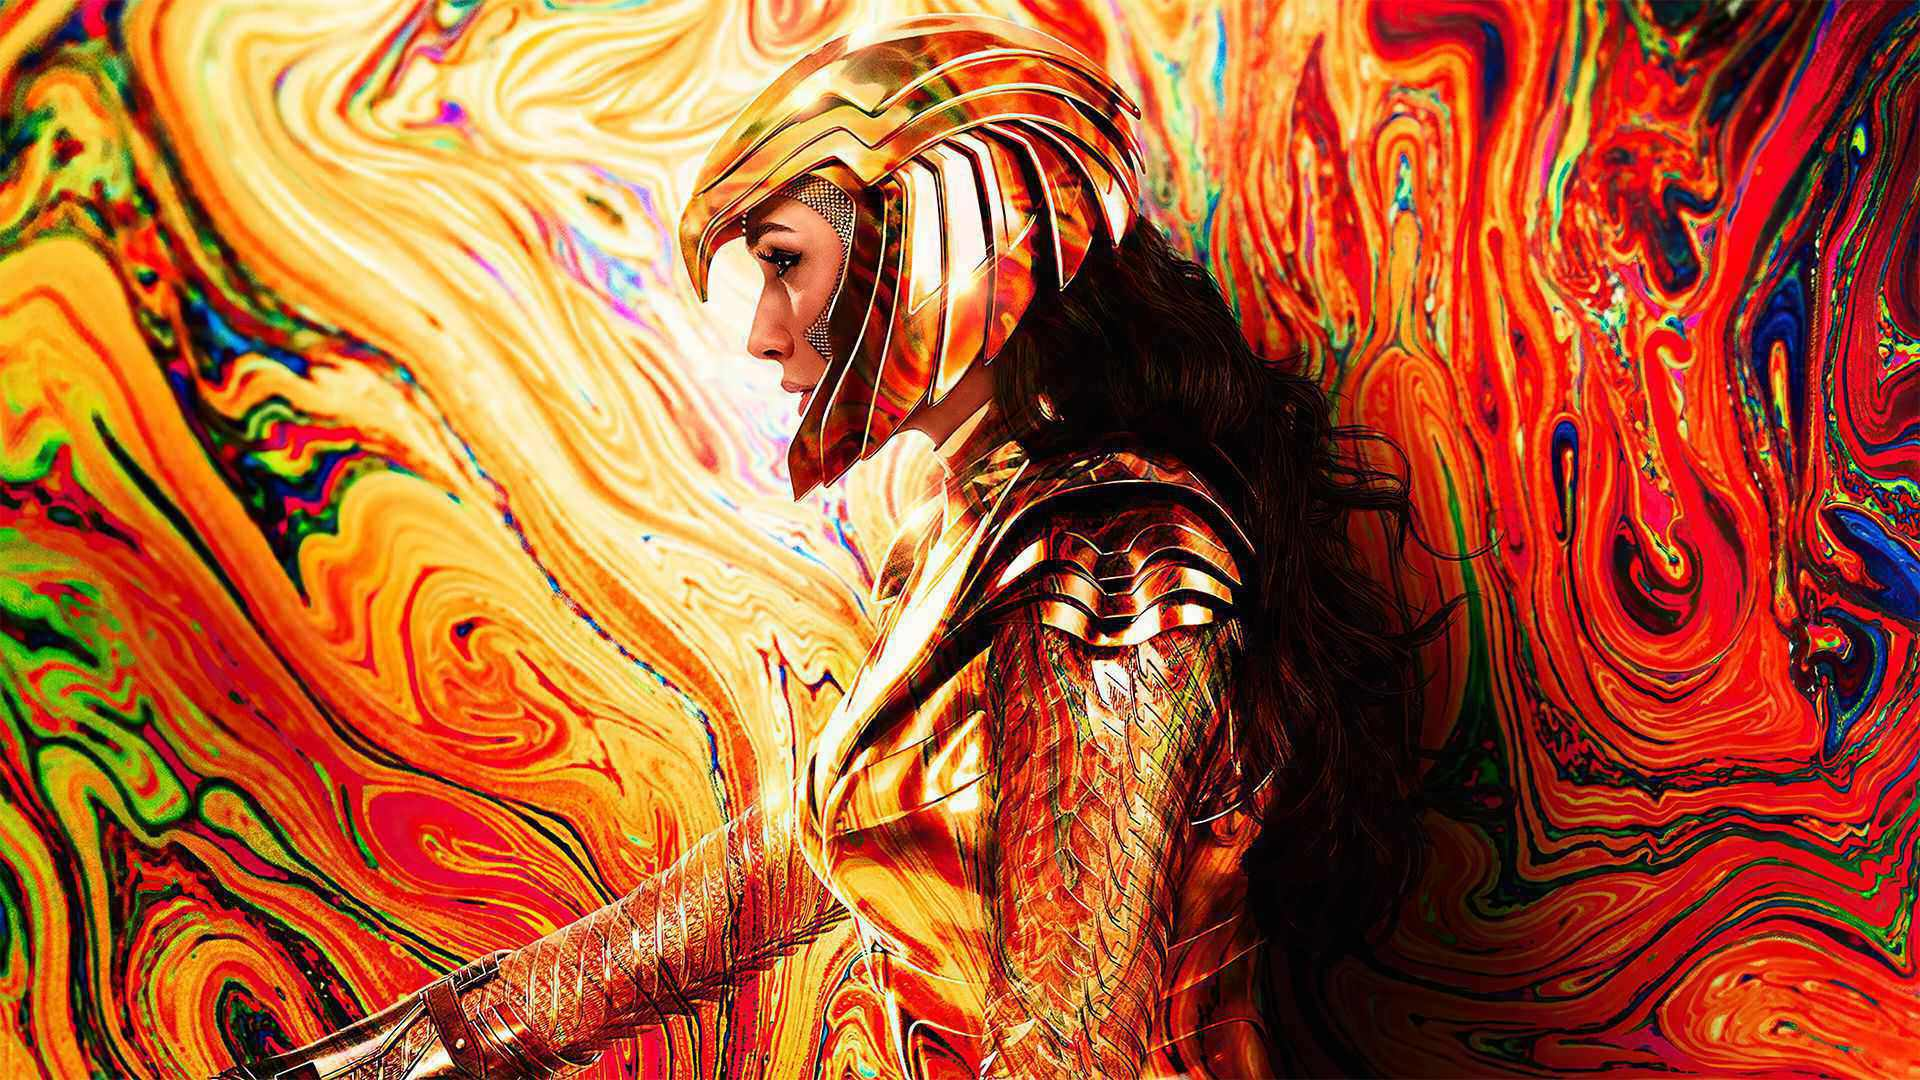 تصویر جدید فیلم Wonder Woman 1984 نمای بهتر از لباس عقاب طلایی را نشان میدهد